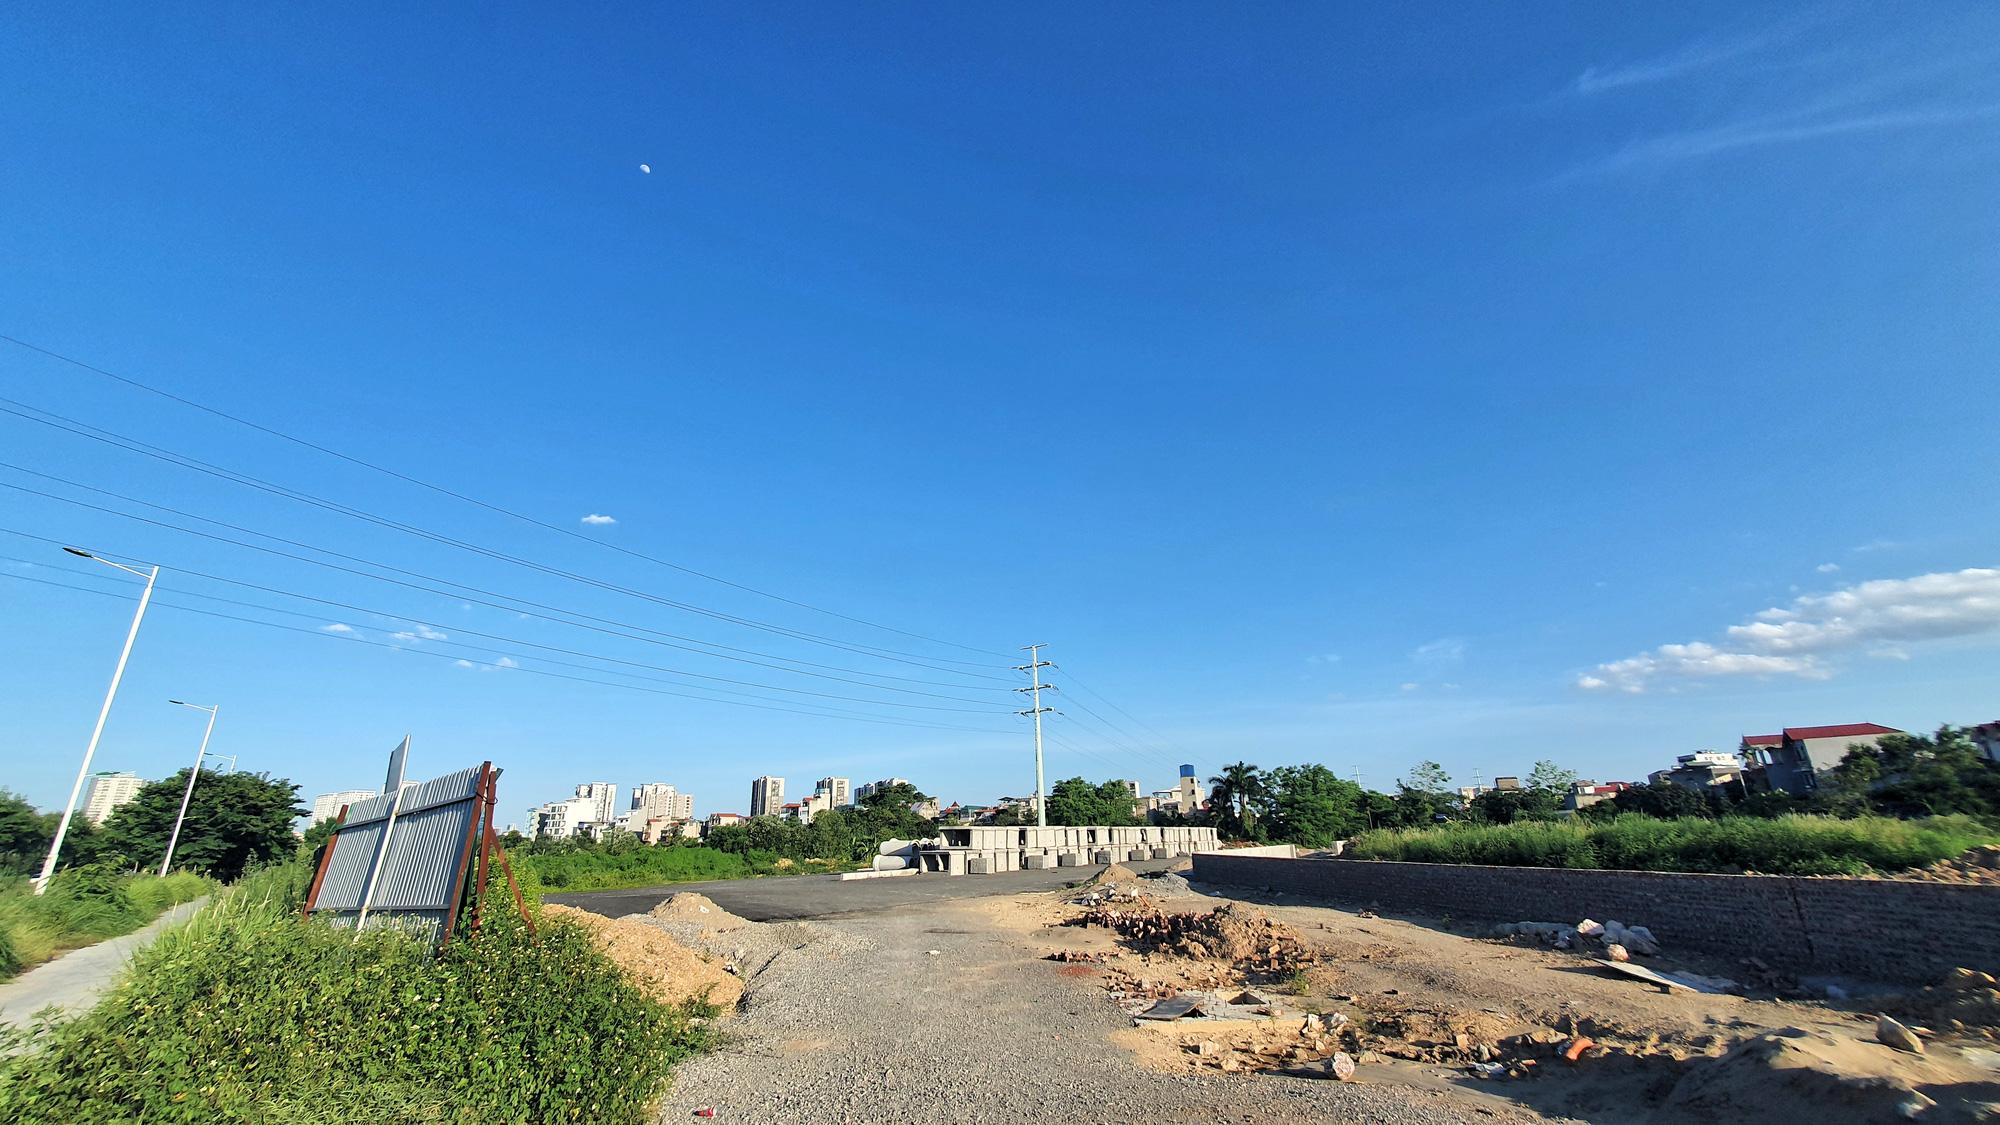 Cận cảnh đường nối KĐT Xuân Phương - Quốc lộ 32 đang mở ở Nam Từ Liêm, Hà Nội - Ảnh 9.